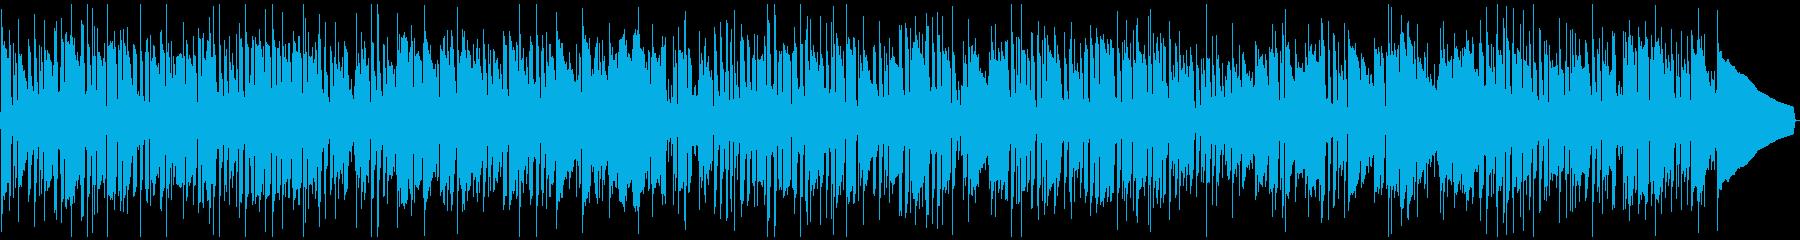 しゃれたジャズロックBGMの再生済みの波形